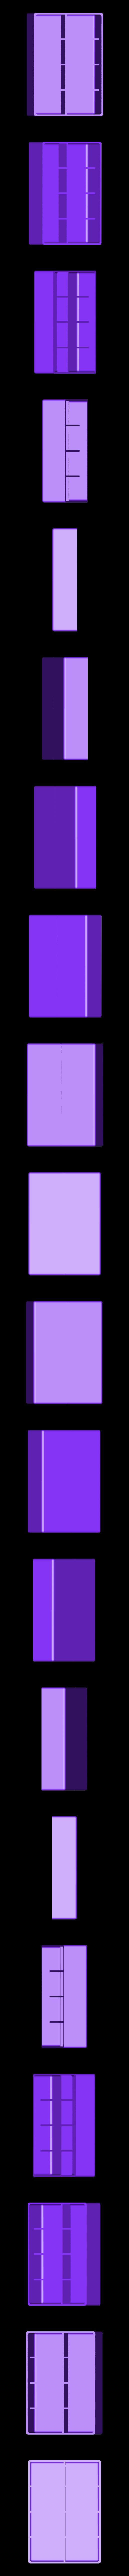 8MiniBox.stl Télécharger fichier STL gratuit Boîte de rangement miniature pour le jeu de plateau sans visage • Design à imprimer en 3D, gthanatos